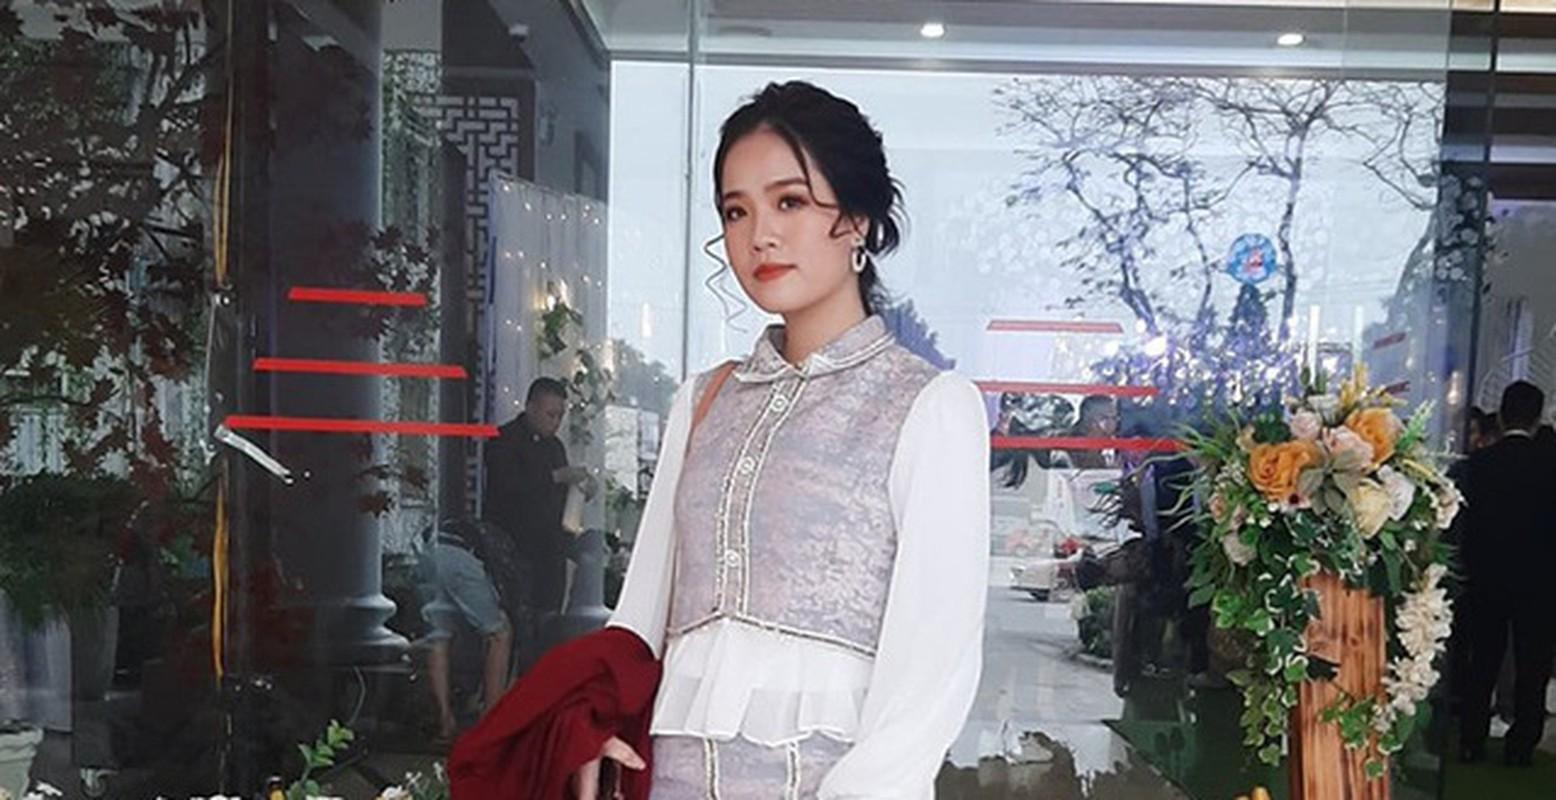 Khong chi vo Phan Van Duc, ban gai Quang Hai cung lo nhan sac that het hon